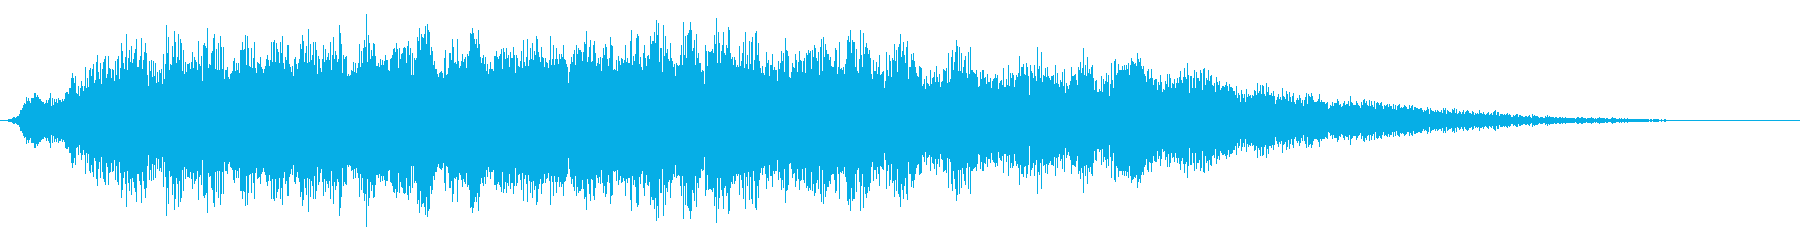 大きな光るシマー4の再生済みの波形